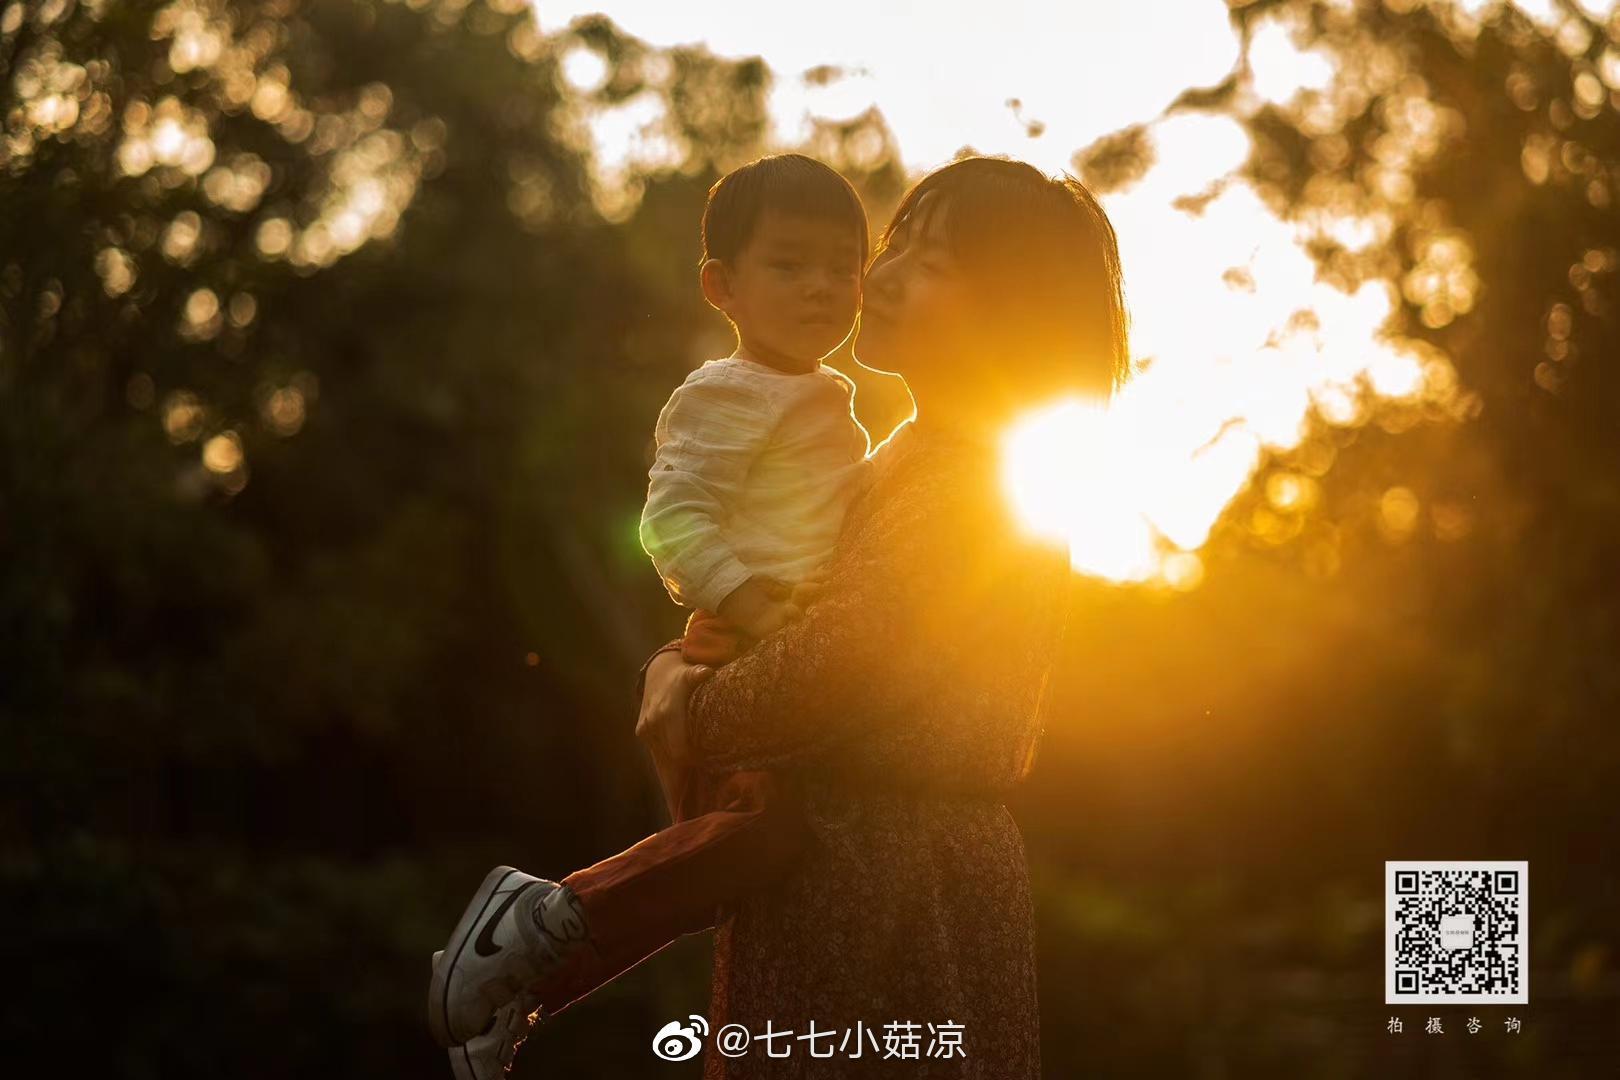 当我和你在一起的时候,连太阳都变成爱心的形状